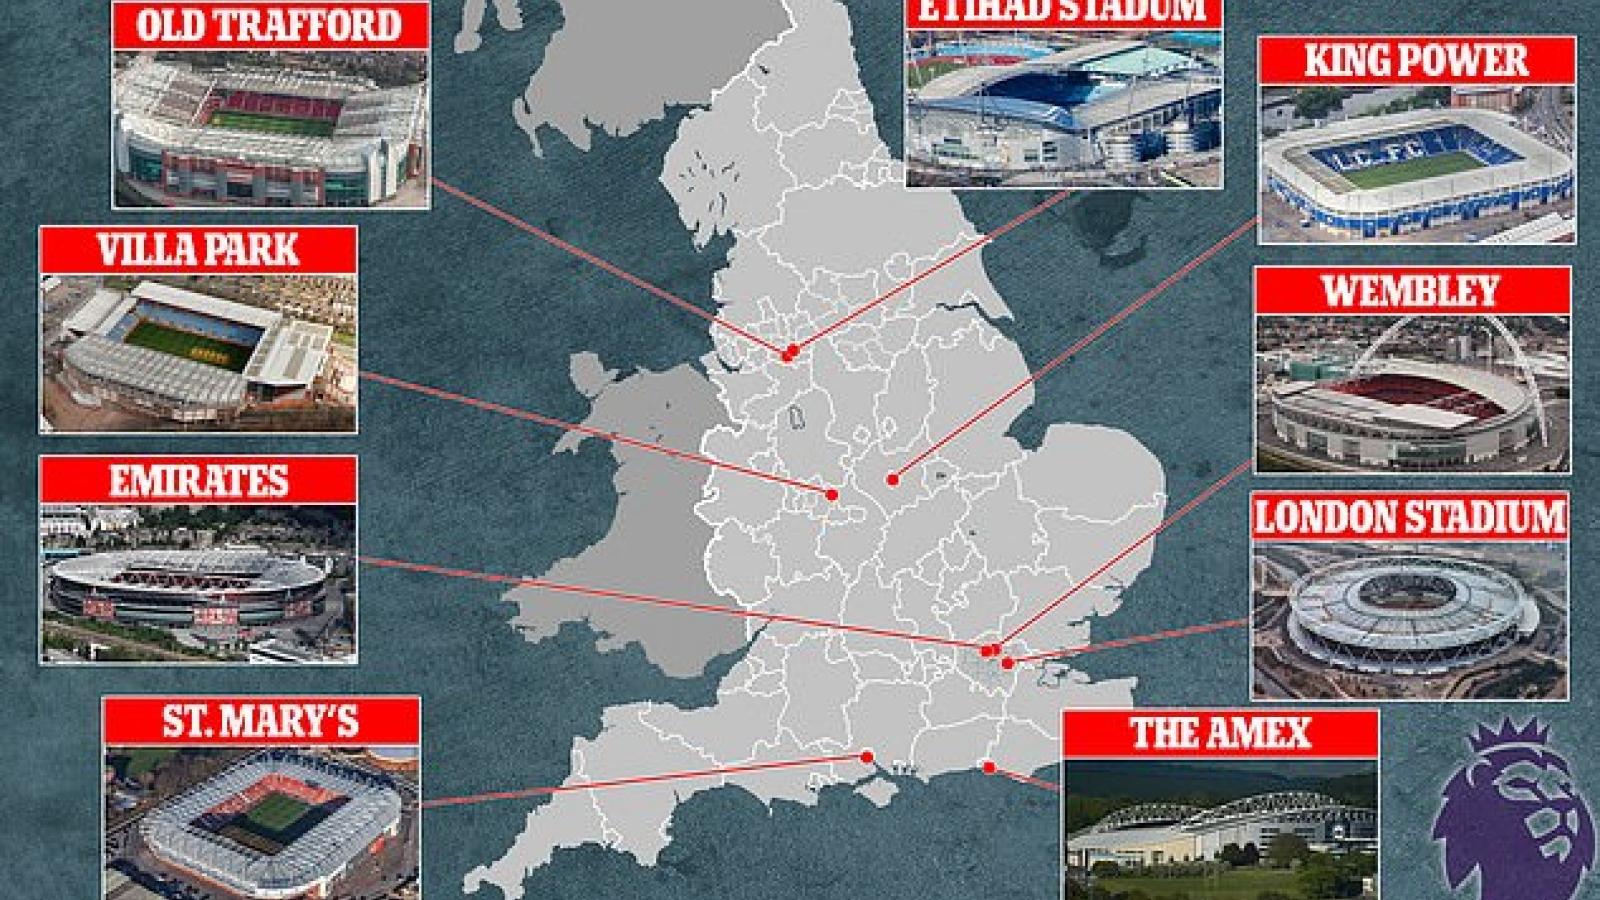 Premier League đá sân trung lập: Old Trafford được chọn, Anfield bị gạch tên